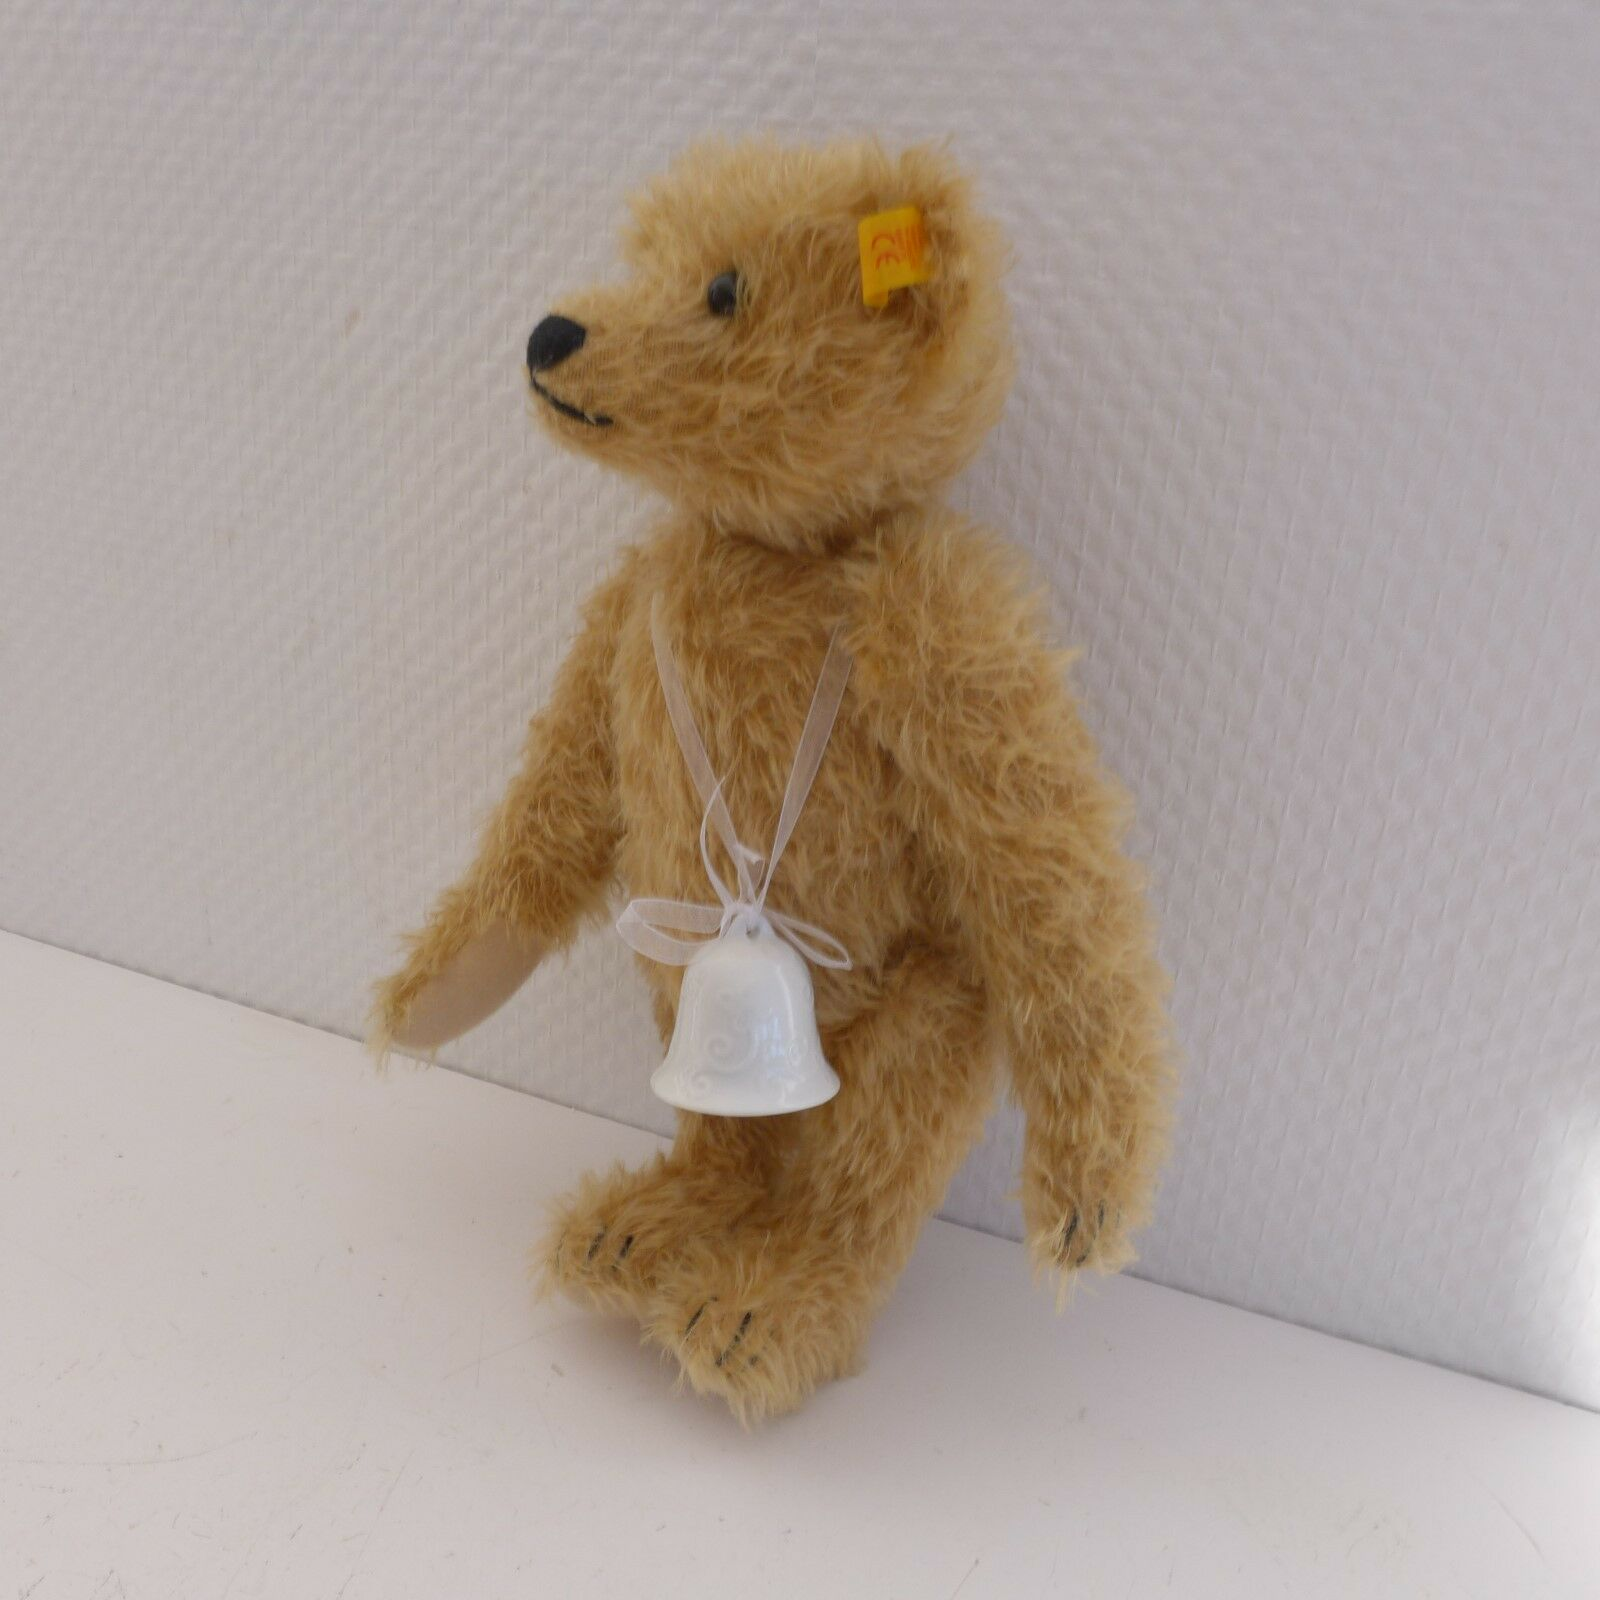 Liebhaberstück-    blonder Teddy von Steiff  mit Knopf und Porzellanglocke b41228